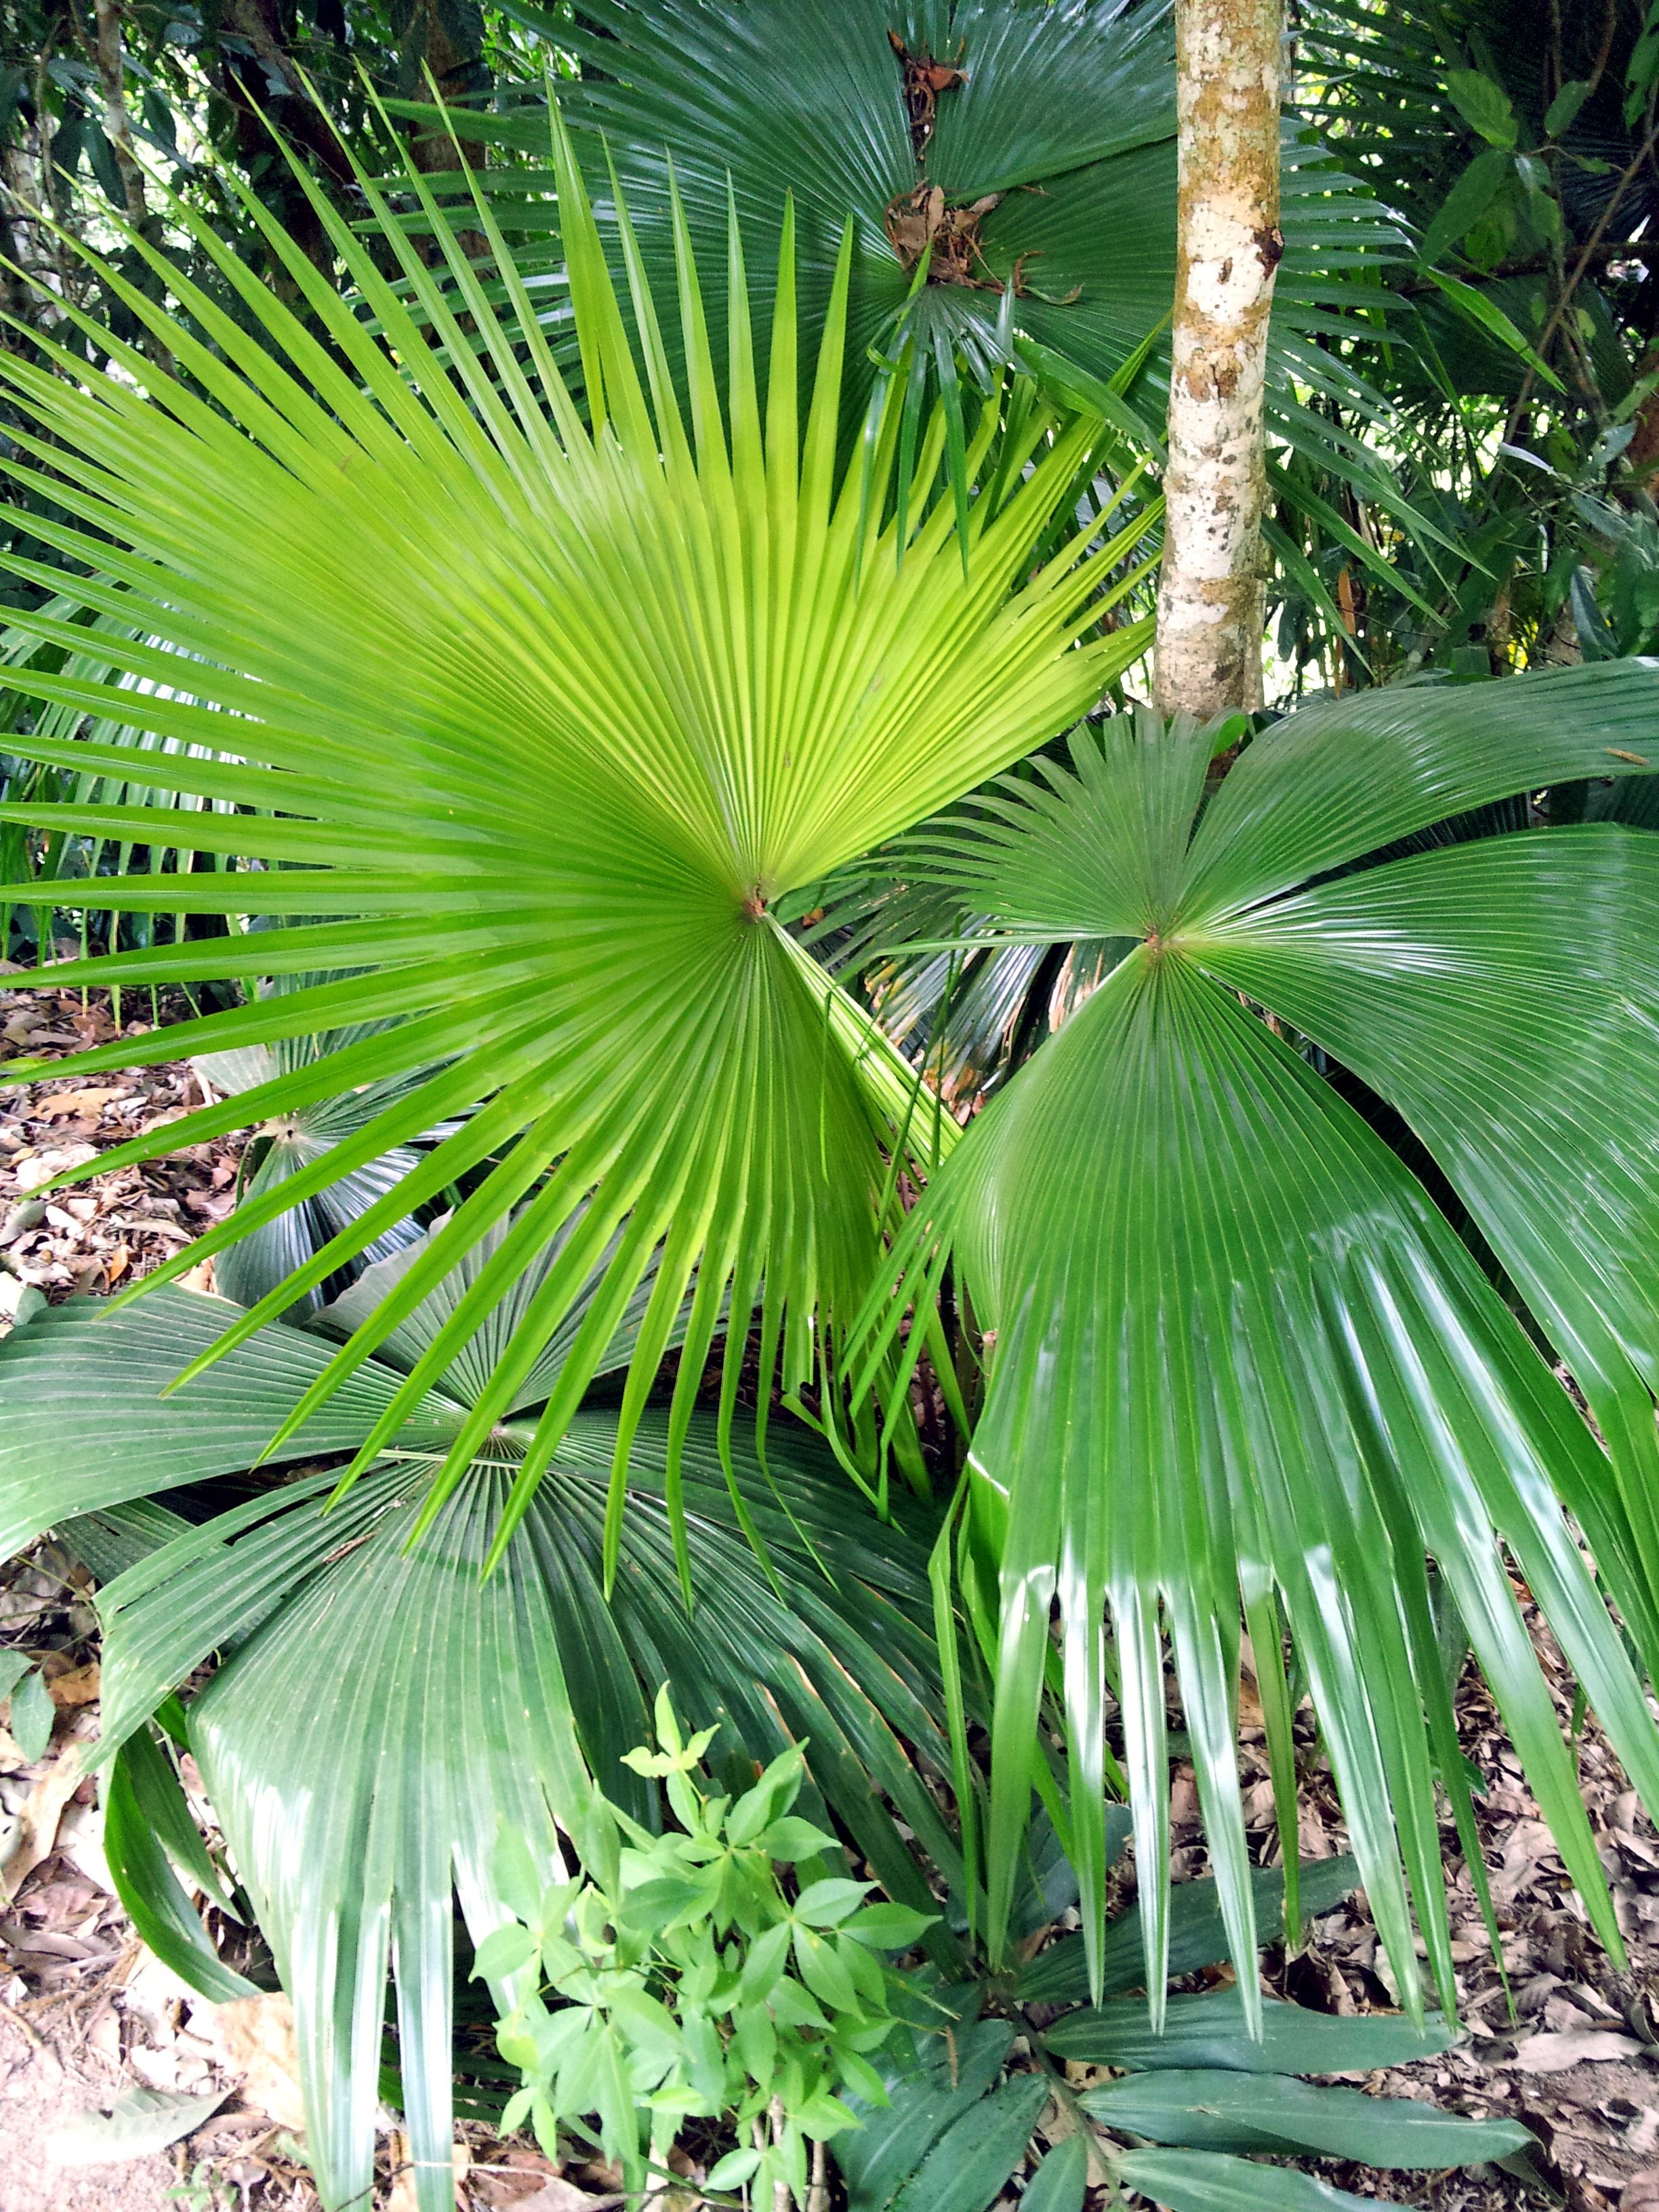 Fotos gratis rbol planta palmera hoja verano verde selva parque flora coco - Plantas de interior tropicales ...